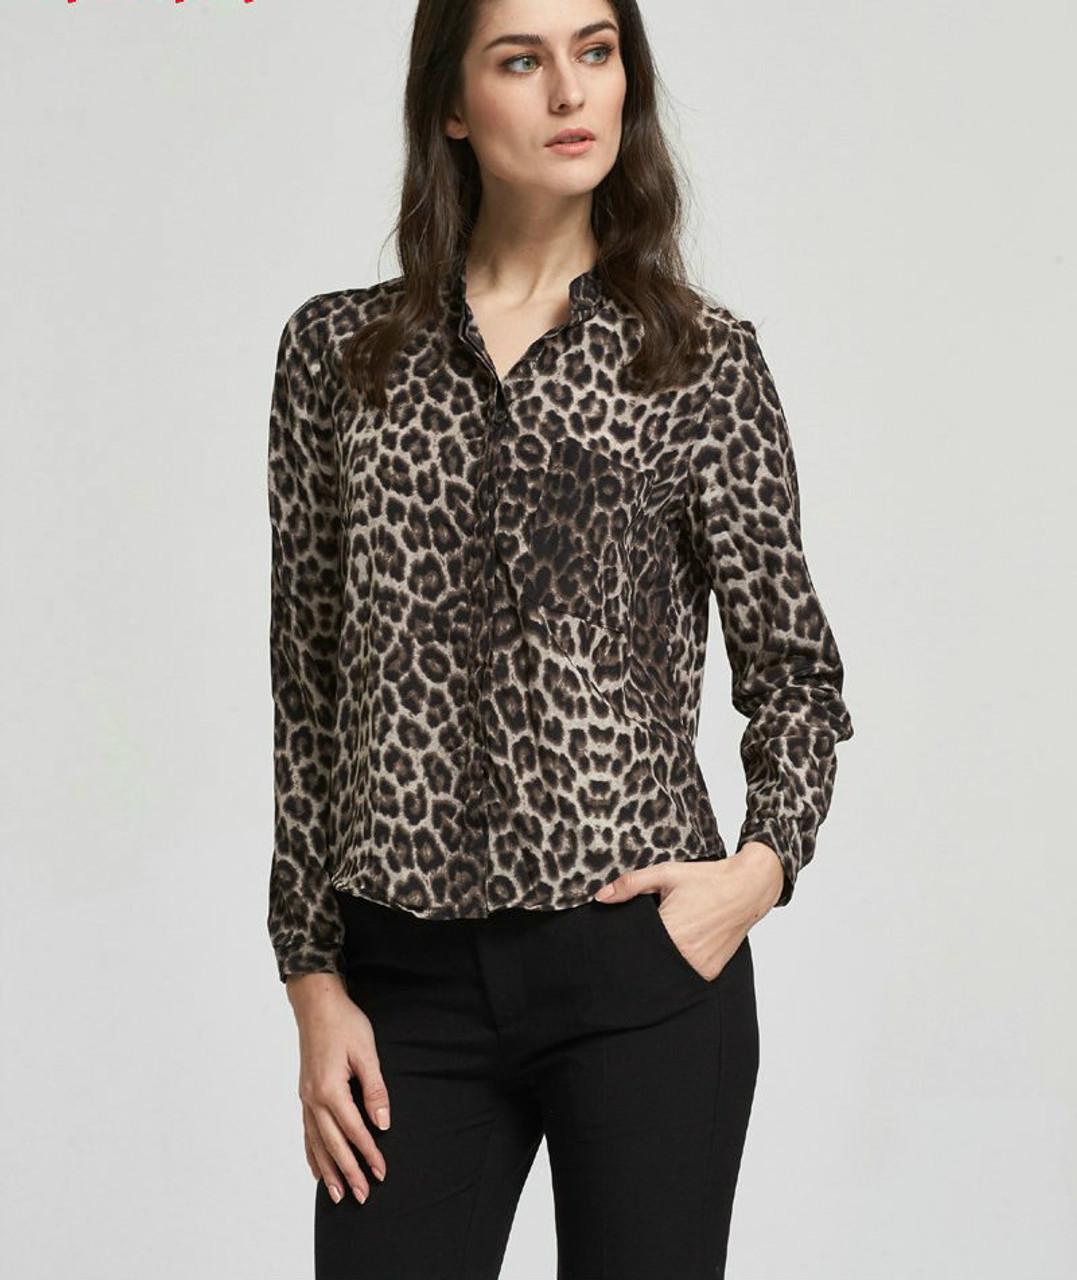 6003039cf5e3 Fashion Women Elegant Sexy Leopard Print Chiffon Blouses Vintage ...